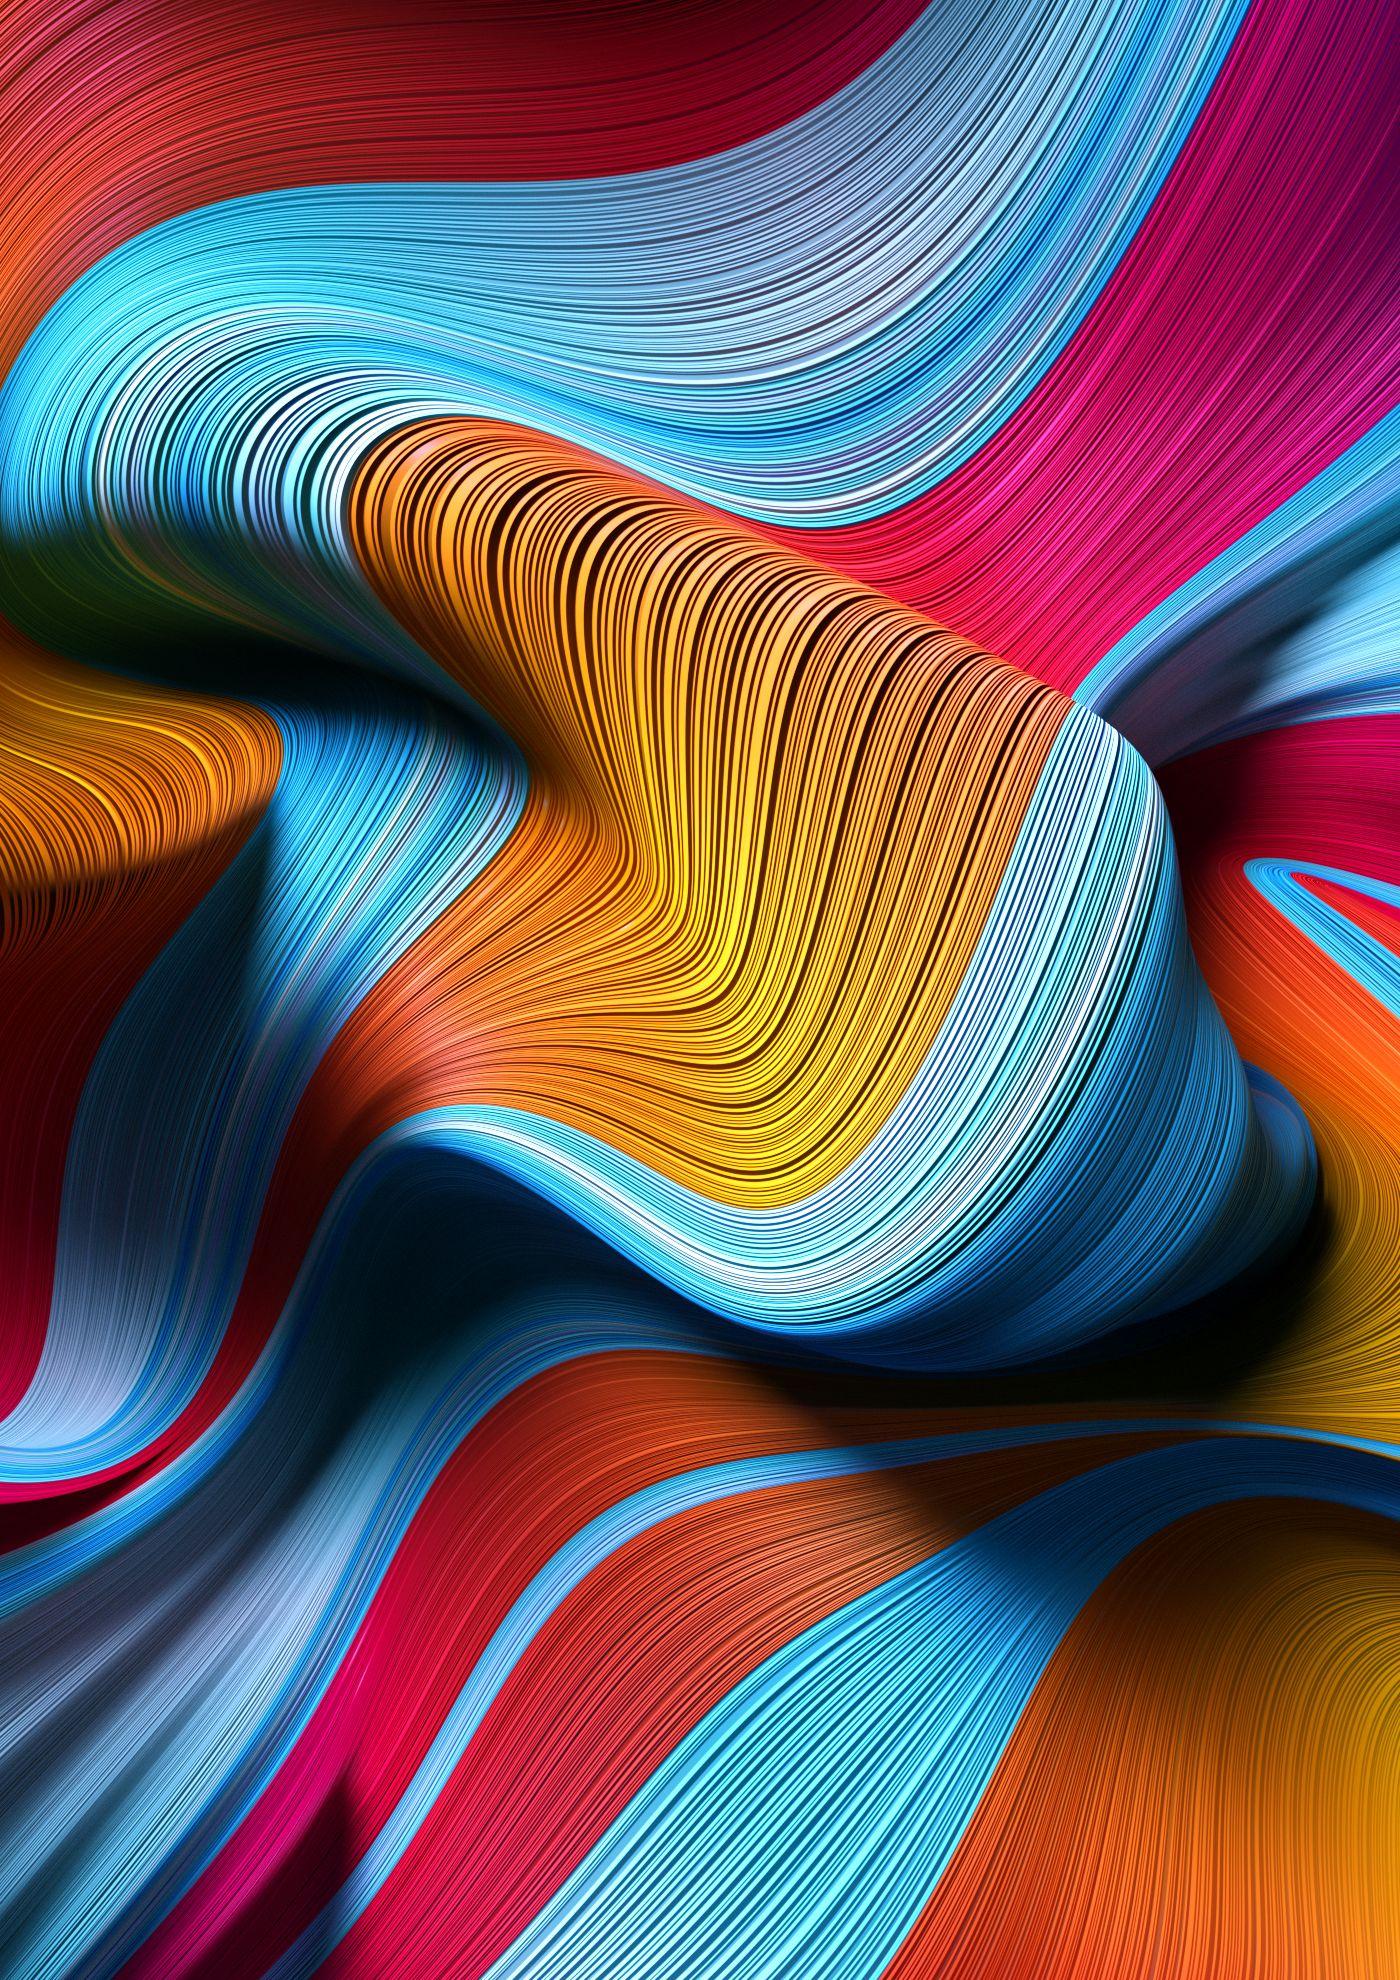 Danny Ivan 3D IMAGERY MAKER Gradient Flow Lines in